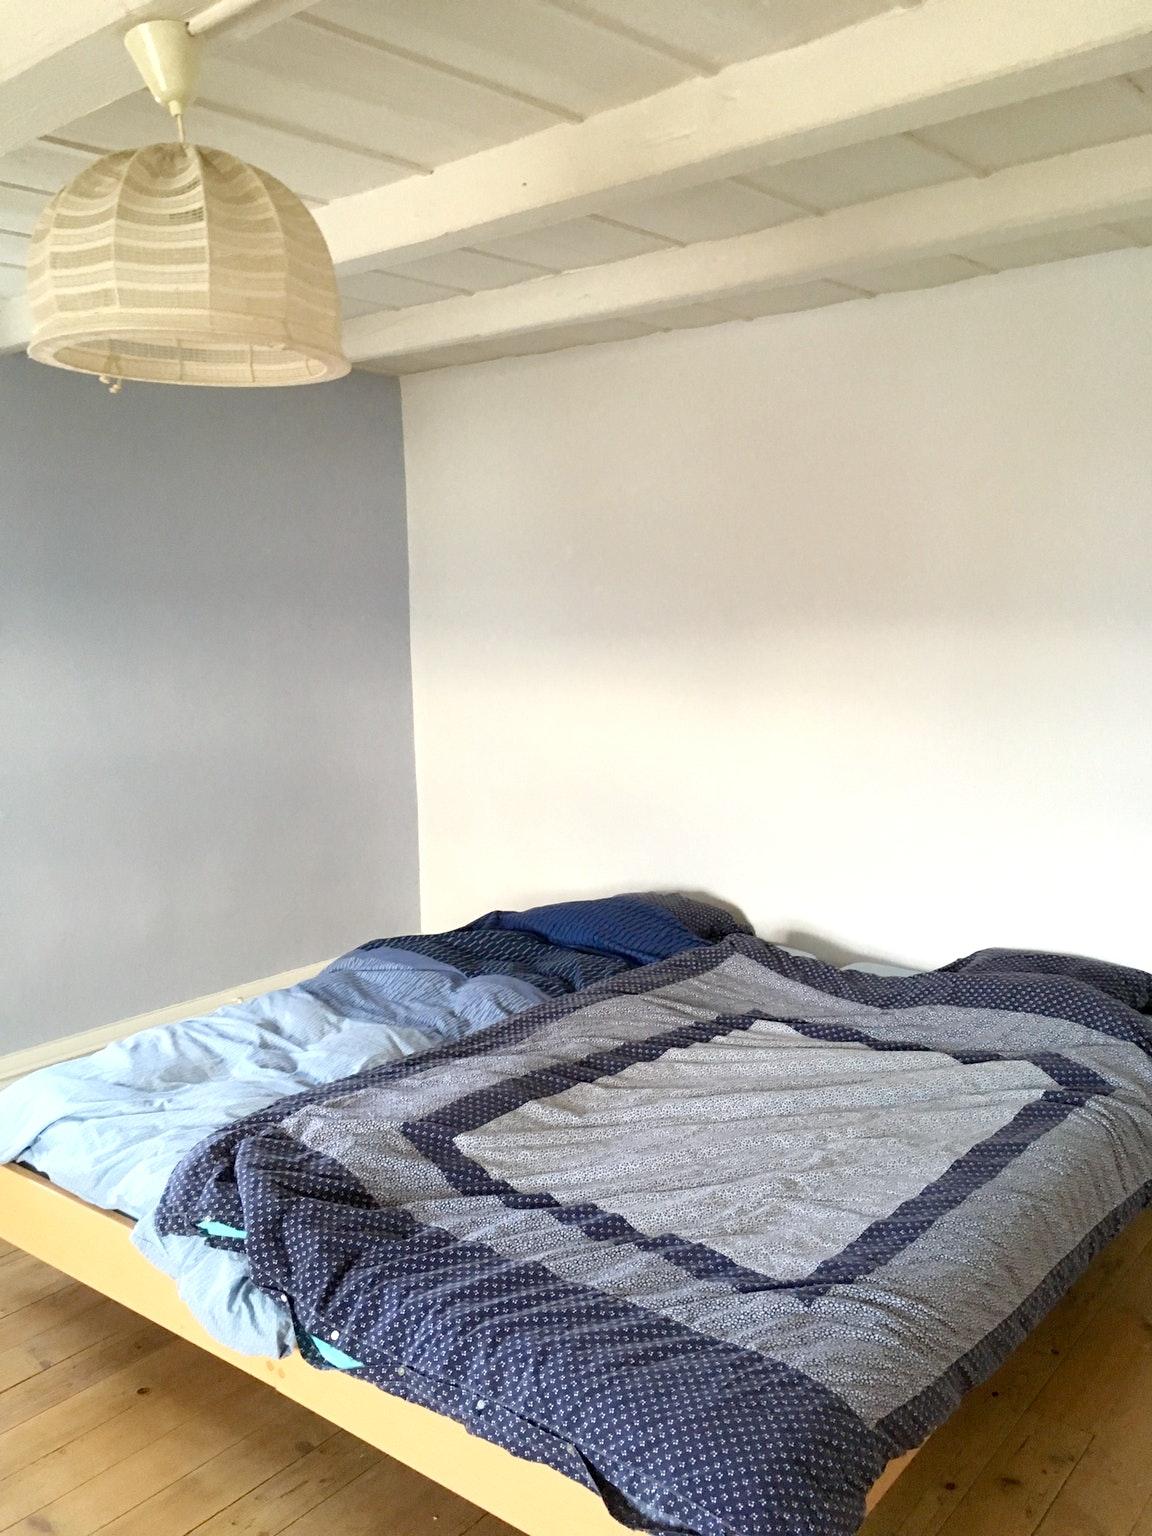 Maison de vacances Haus mit 2 Schlafzimmern in Châbles mit bezauberndem Seeblick, eingezäuntem Garten und W-L (2519223), Châbles FR, Lac de Neuchâtel, Jura - Neuchâtel, Suisse, image 7